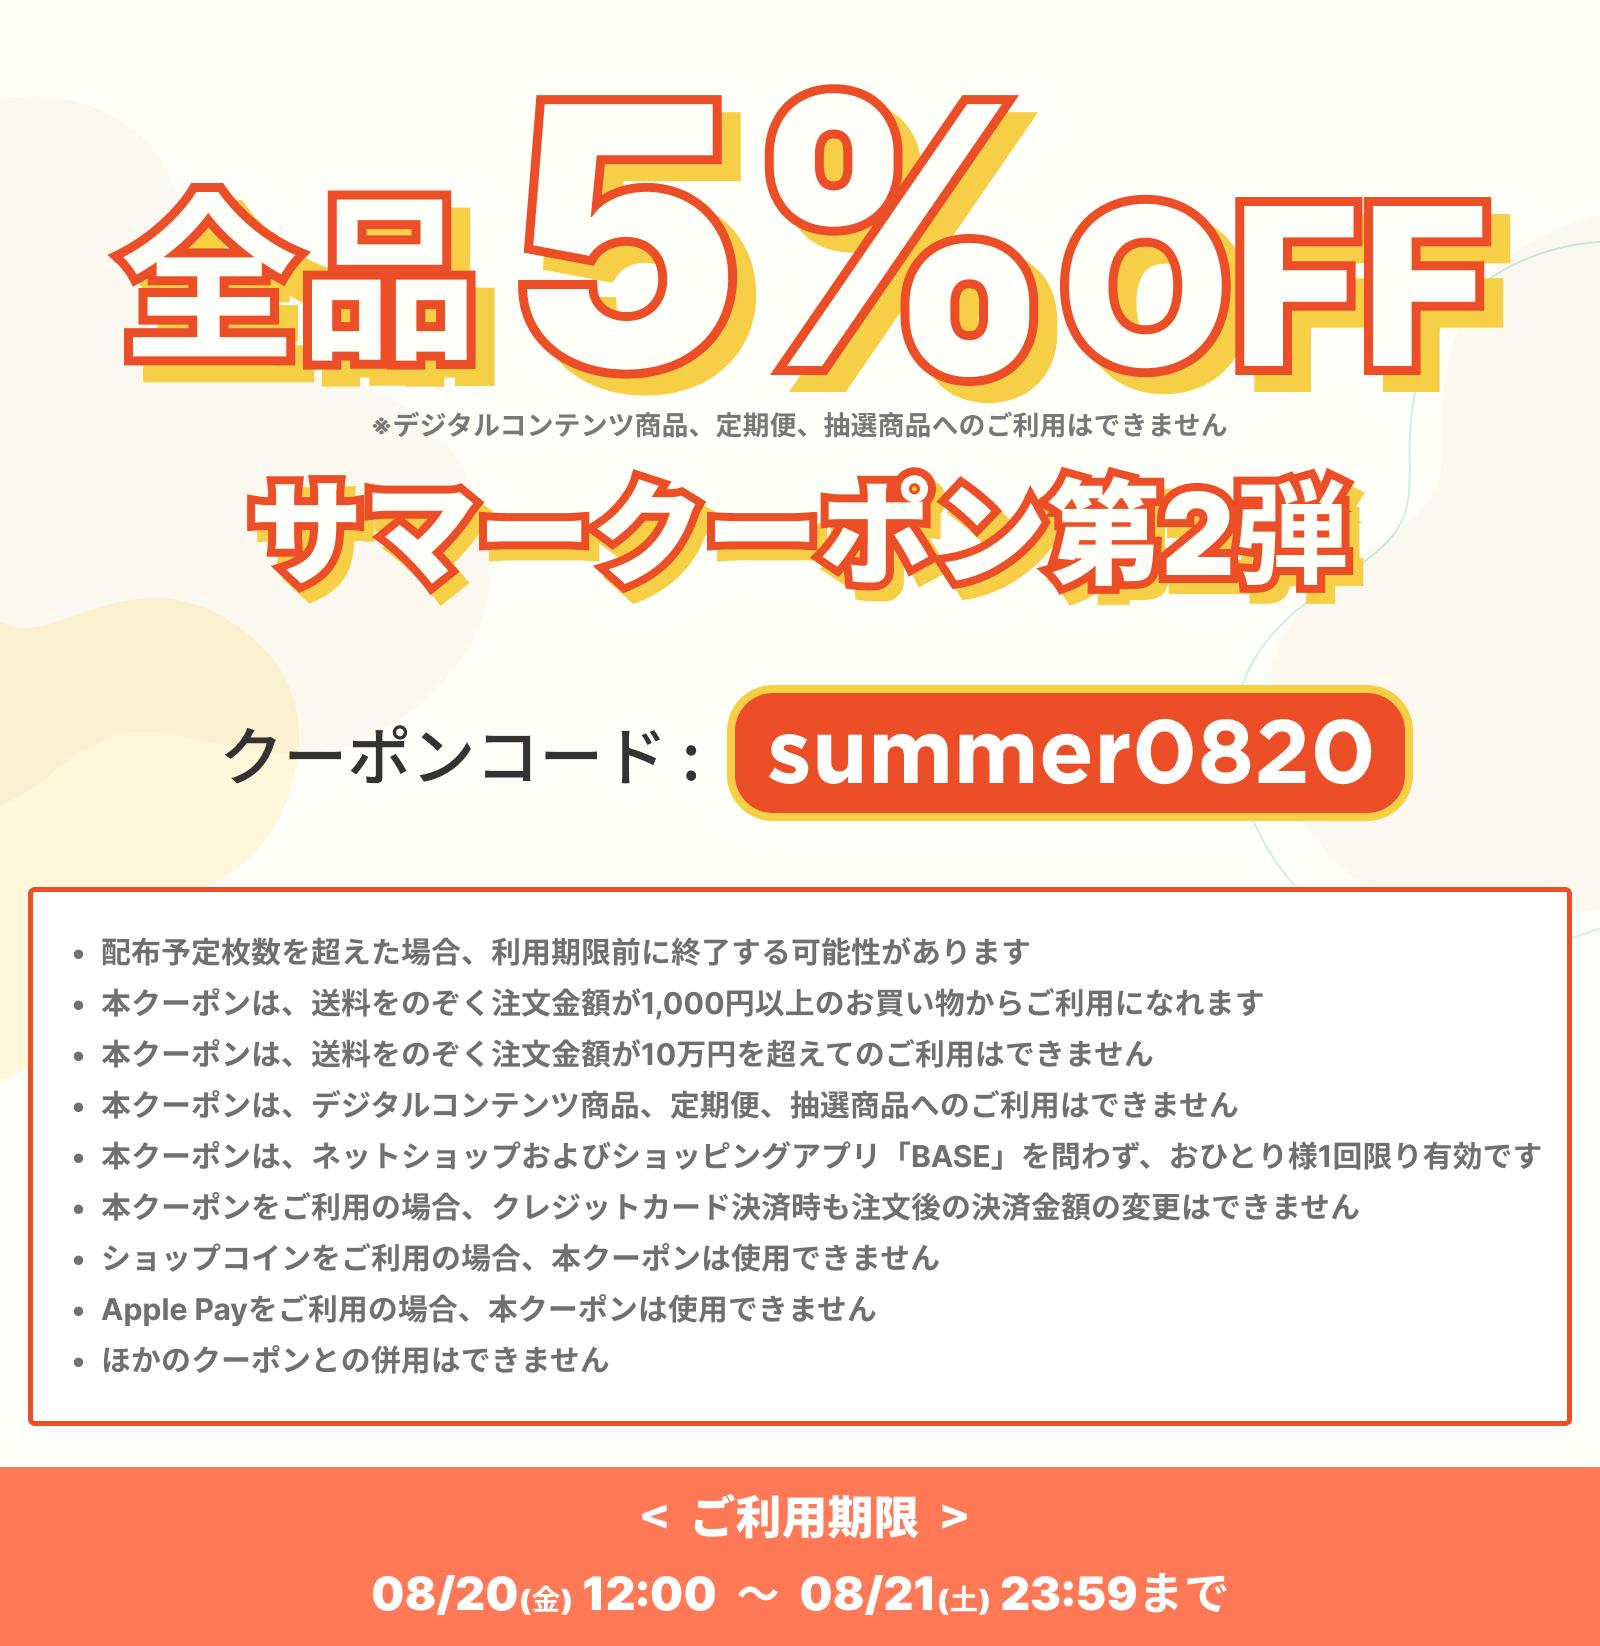 8/20・8/21限定!5%OFFサマークーポンキャンペーン開催☆